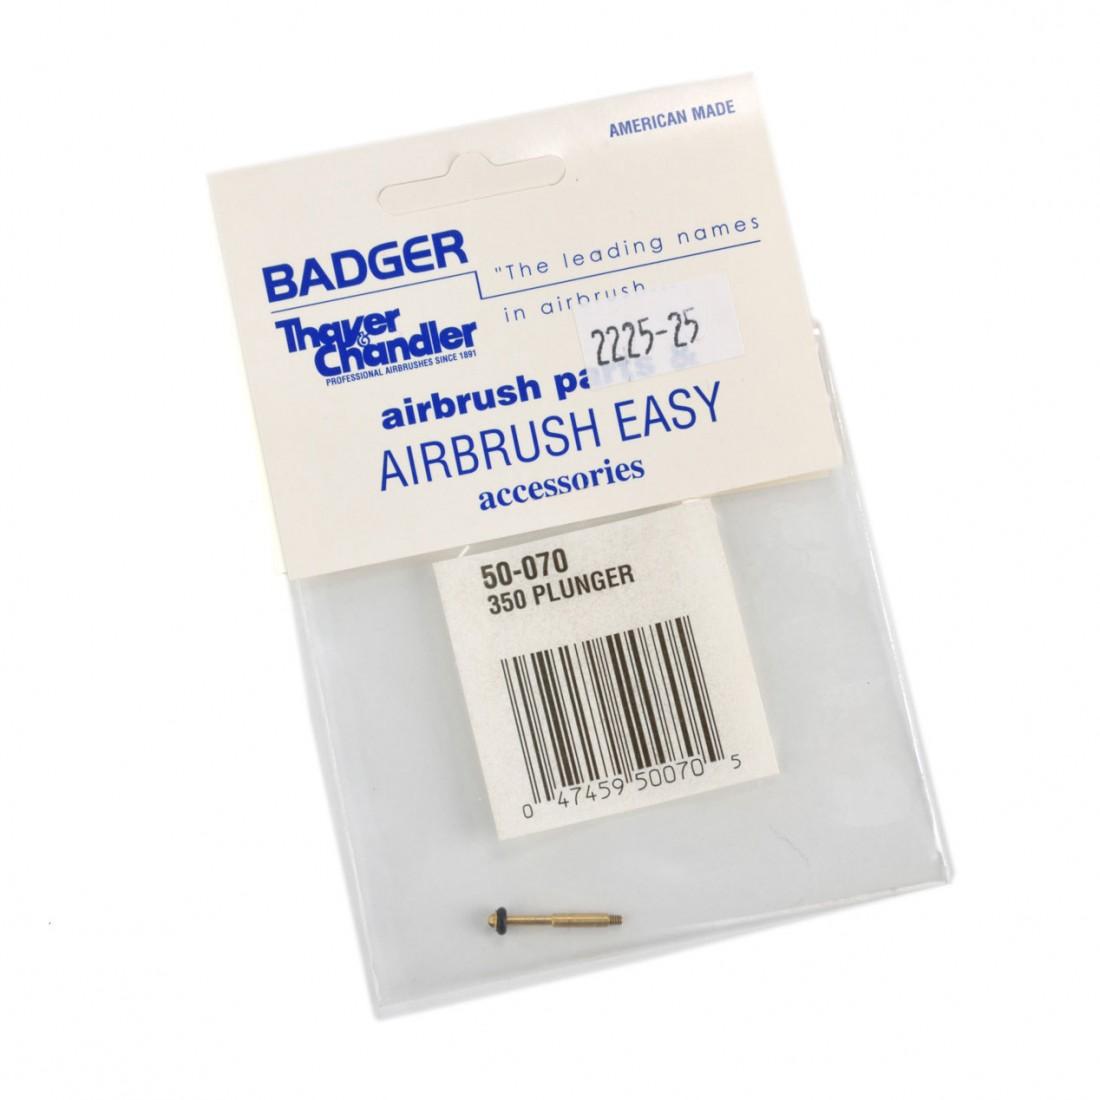 Badger 50-070